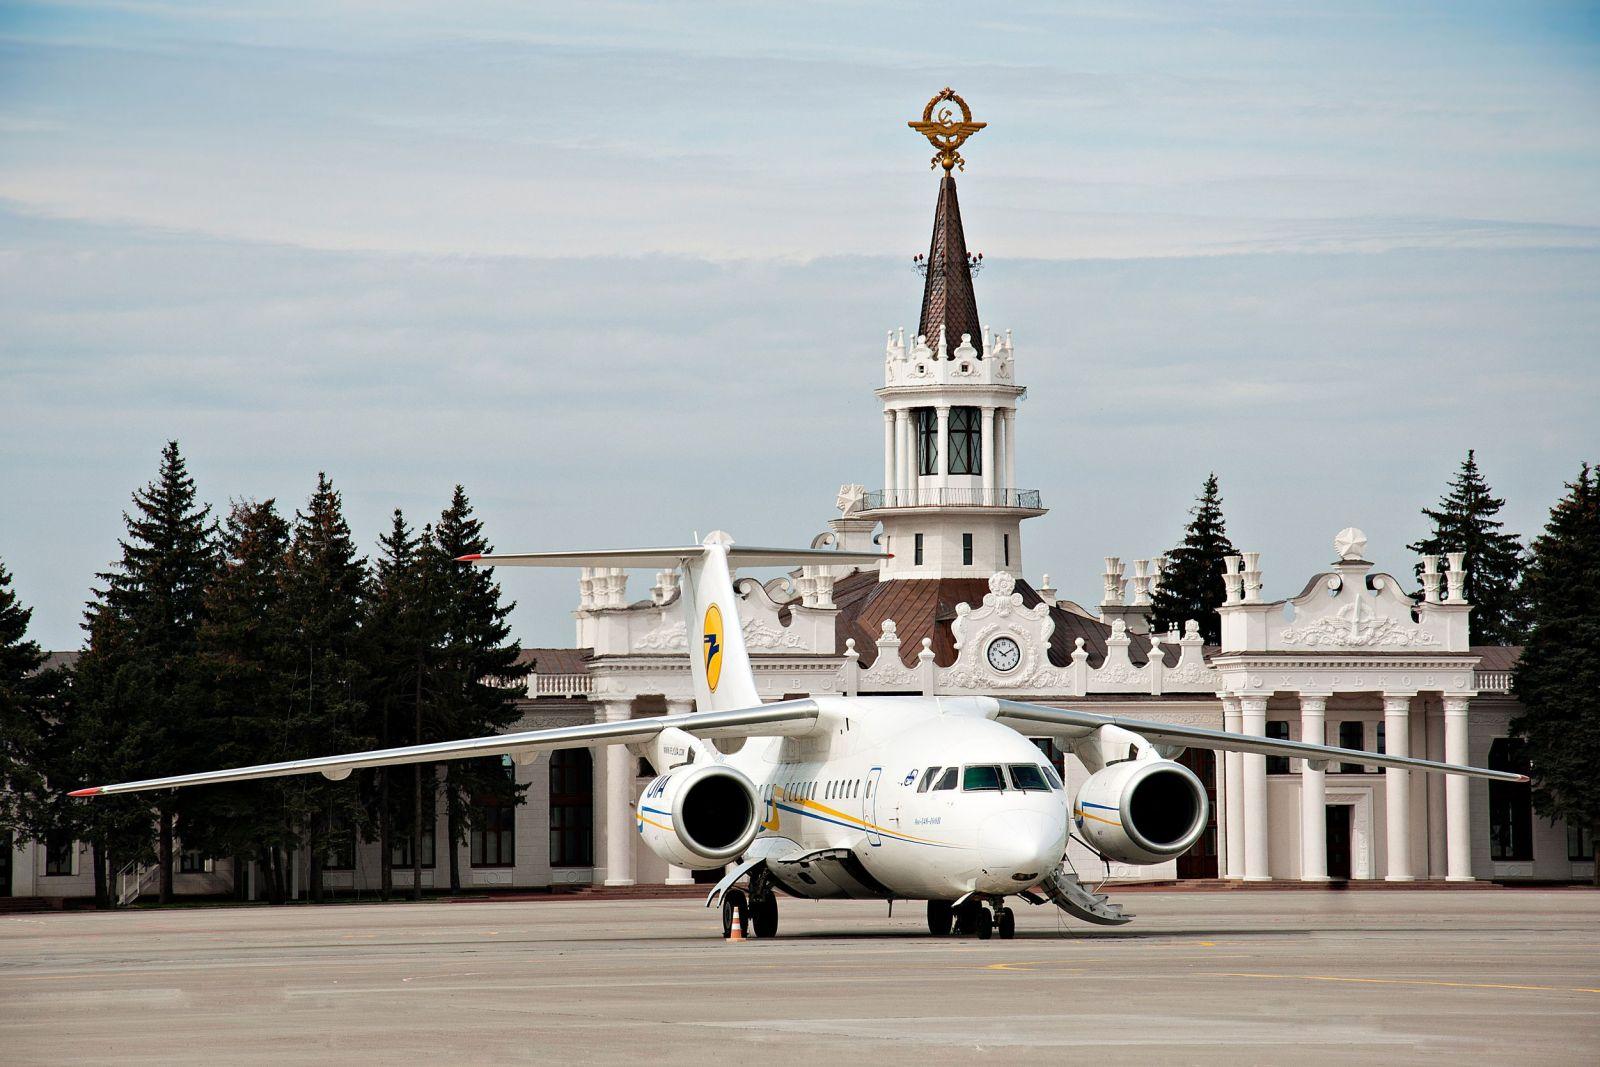 http://www.sq.com.ua/img/news/FotoBank/Kharkov/kha03.jpg